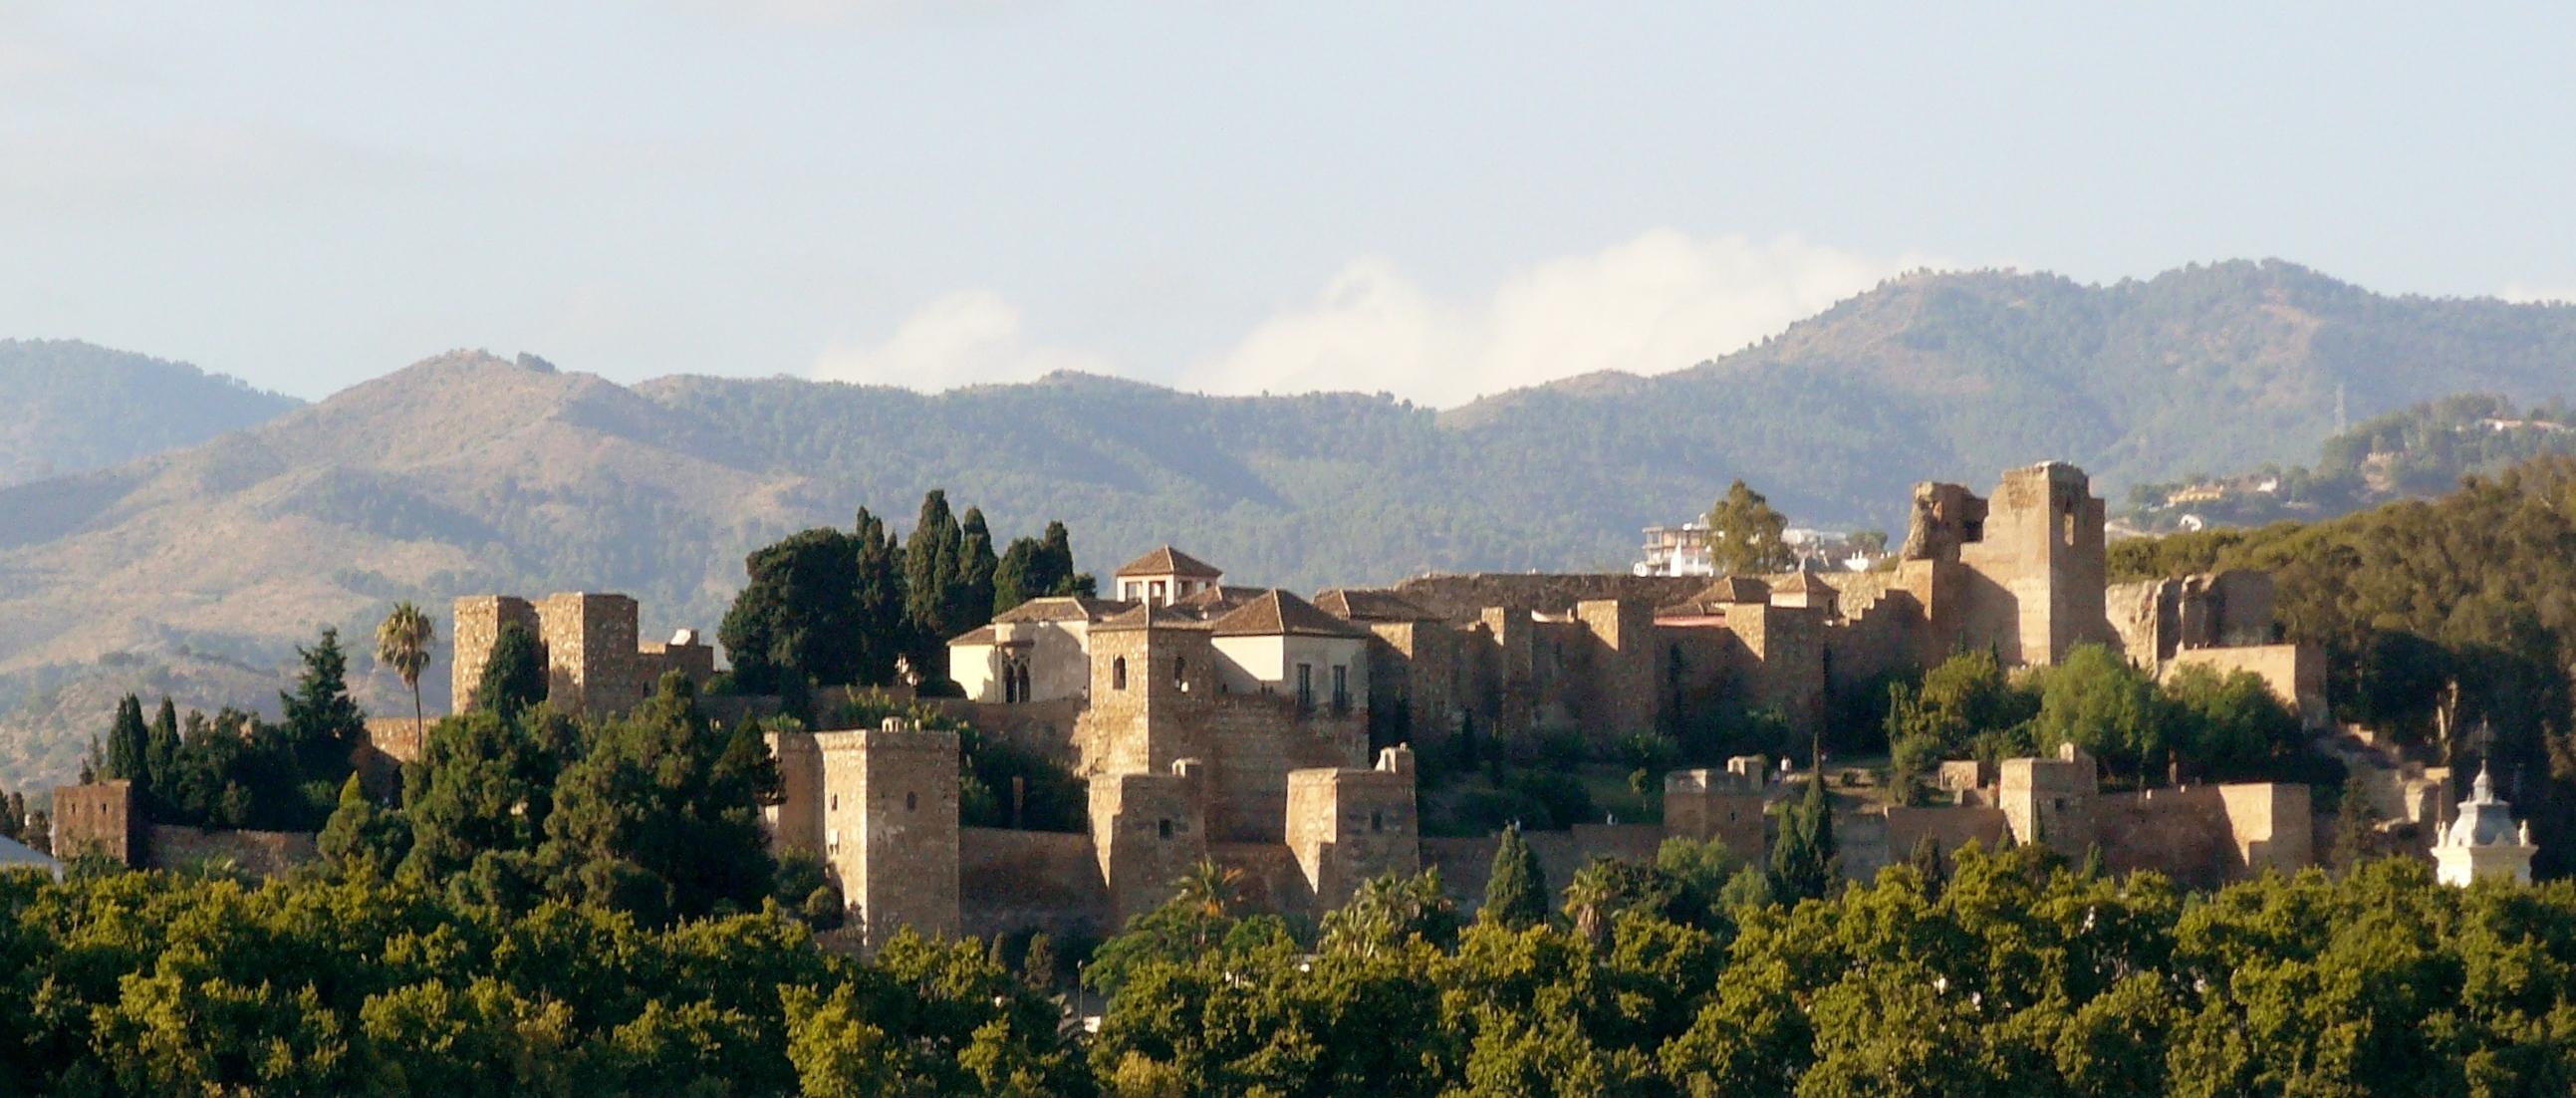 File:Alcazaba de Málaga desde el puerto.JPG - Wikimedia ...